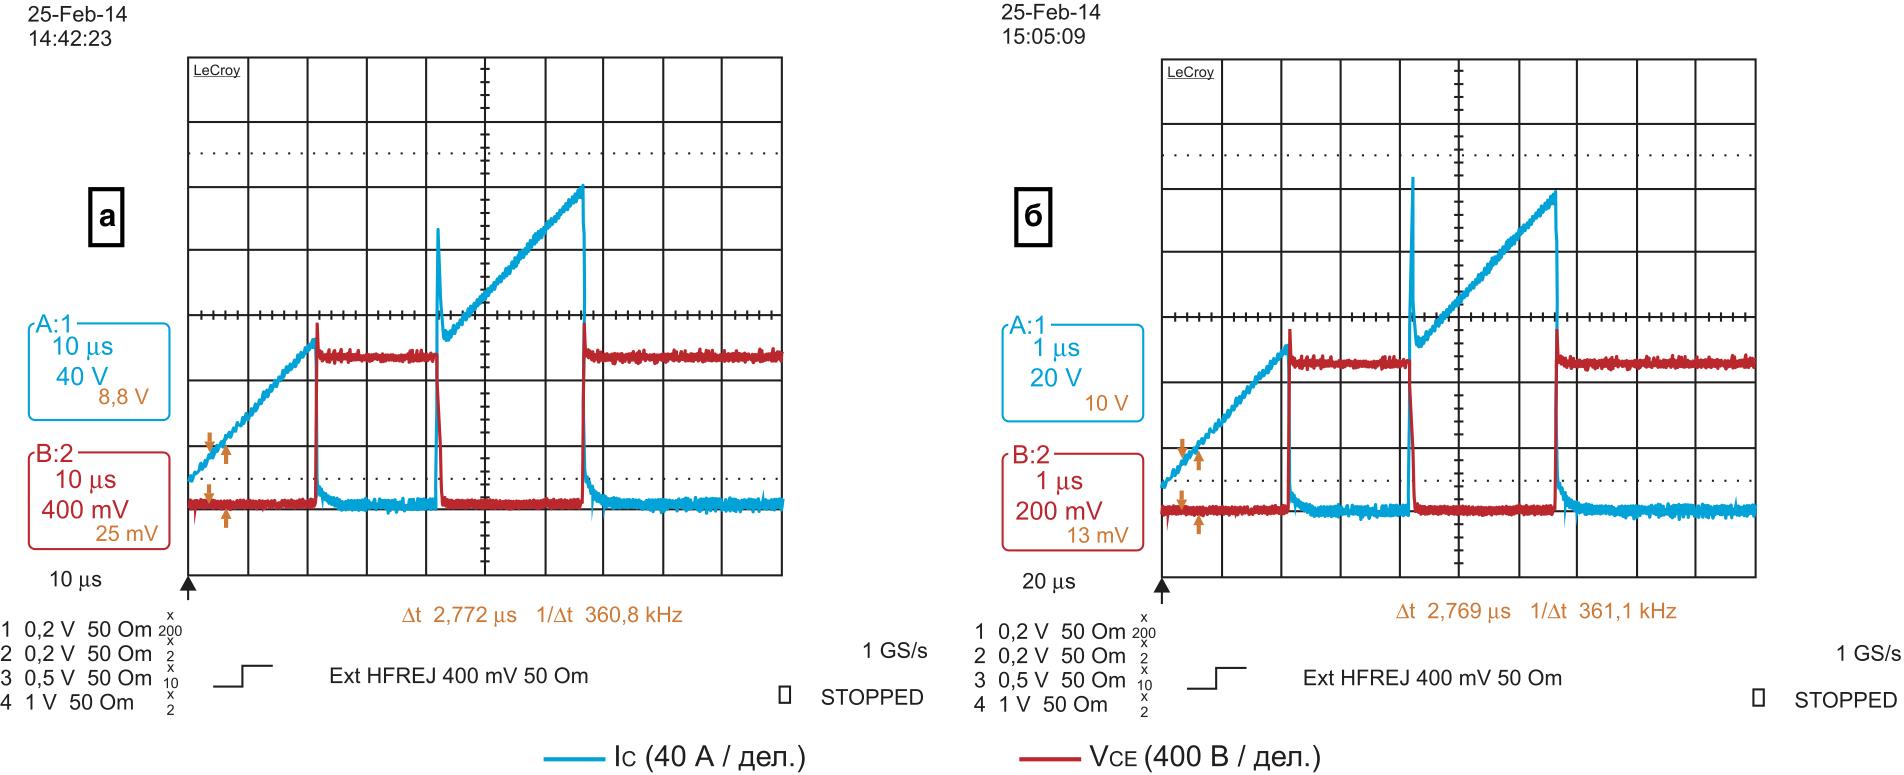 Осциллограммы теста двойного импульса транзисторов 100 А/1700 В: а) NPT+ IGBT компании «Ангстрем»; б) NPT-аналог (режим испытаний: VCC = 900 В, IC1 = 100 A, IC1 = 200 A, RG = 15 Ом, Tj = +125 °C)